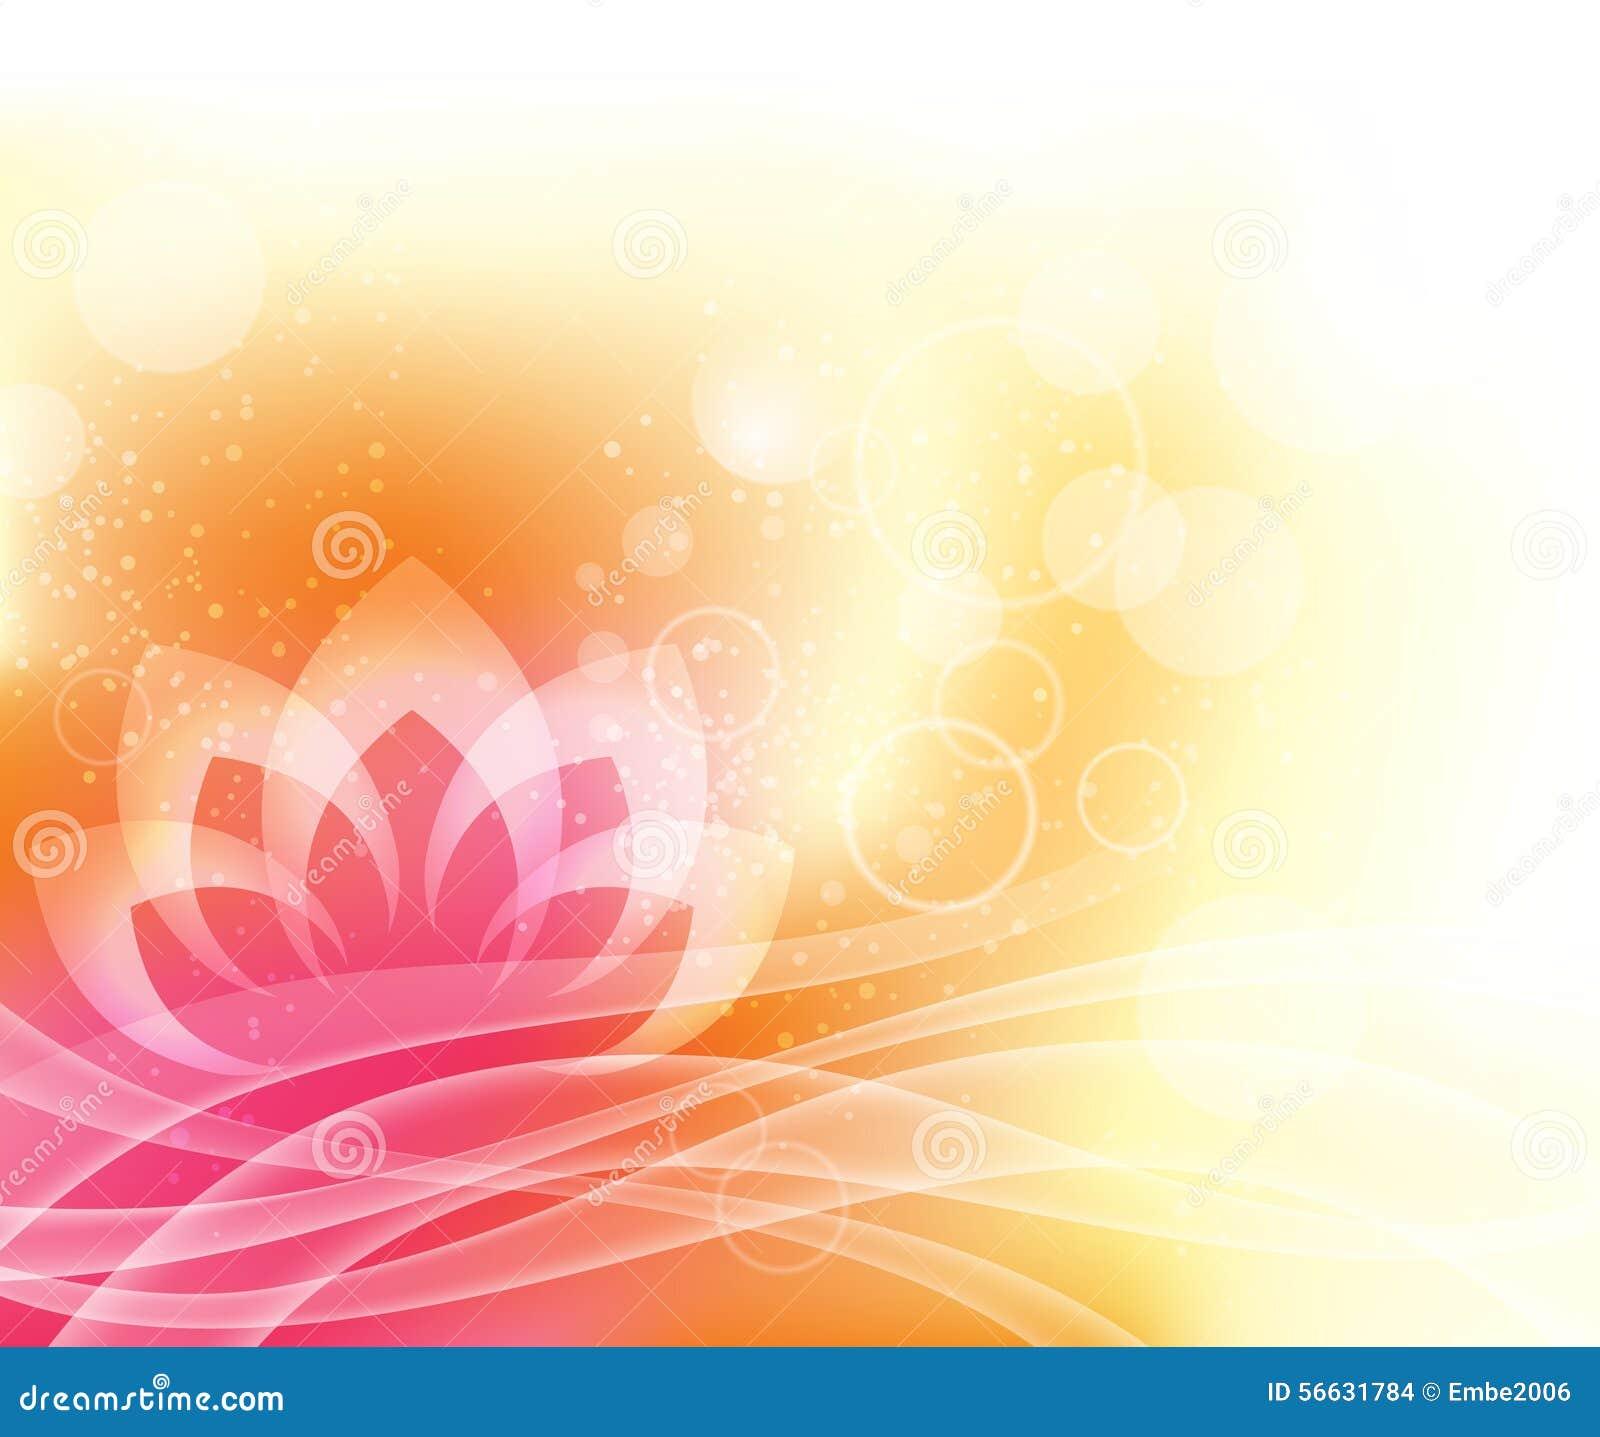 Lotus Yoga Background Stock Photo Image 56631784